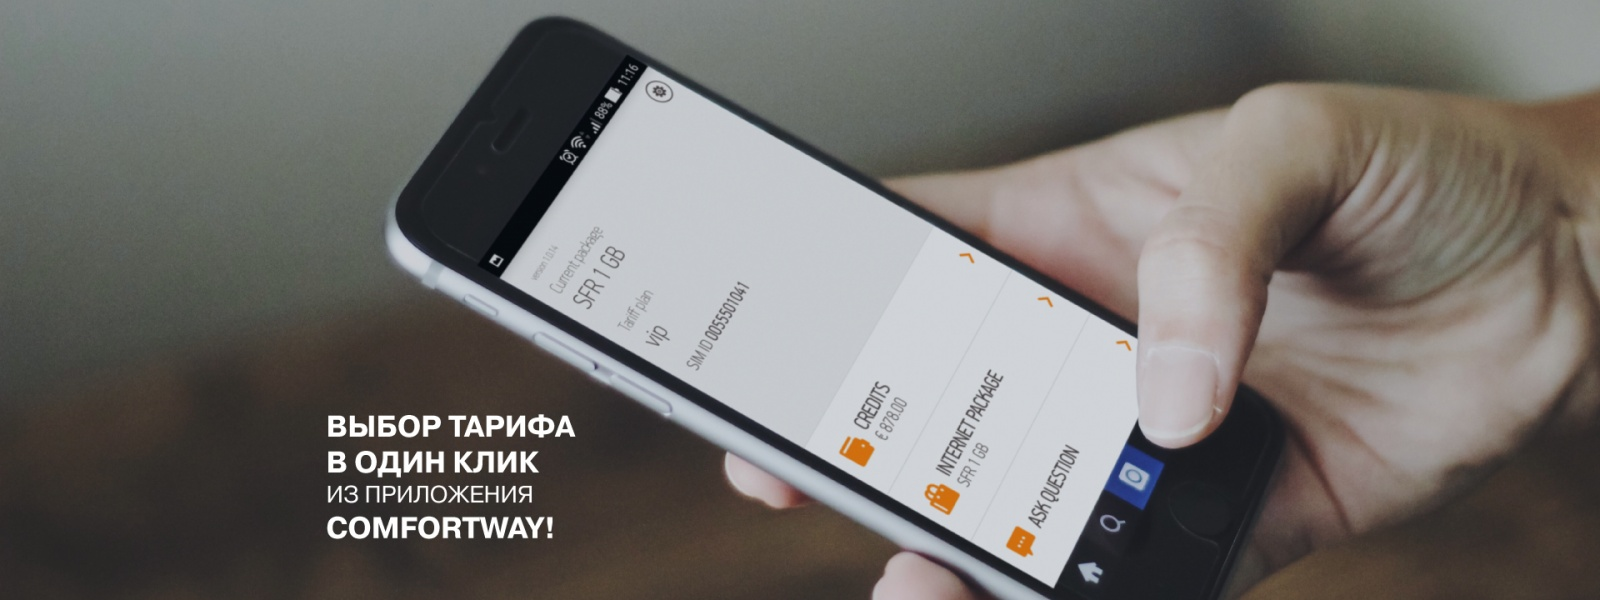 Объединение мобильных операторов, пользователей, сервисов на одной технологической платформе - 1